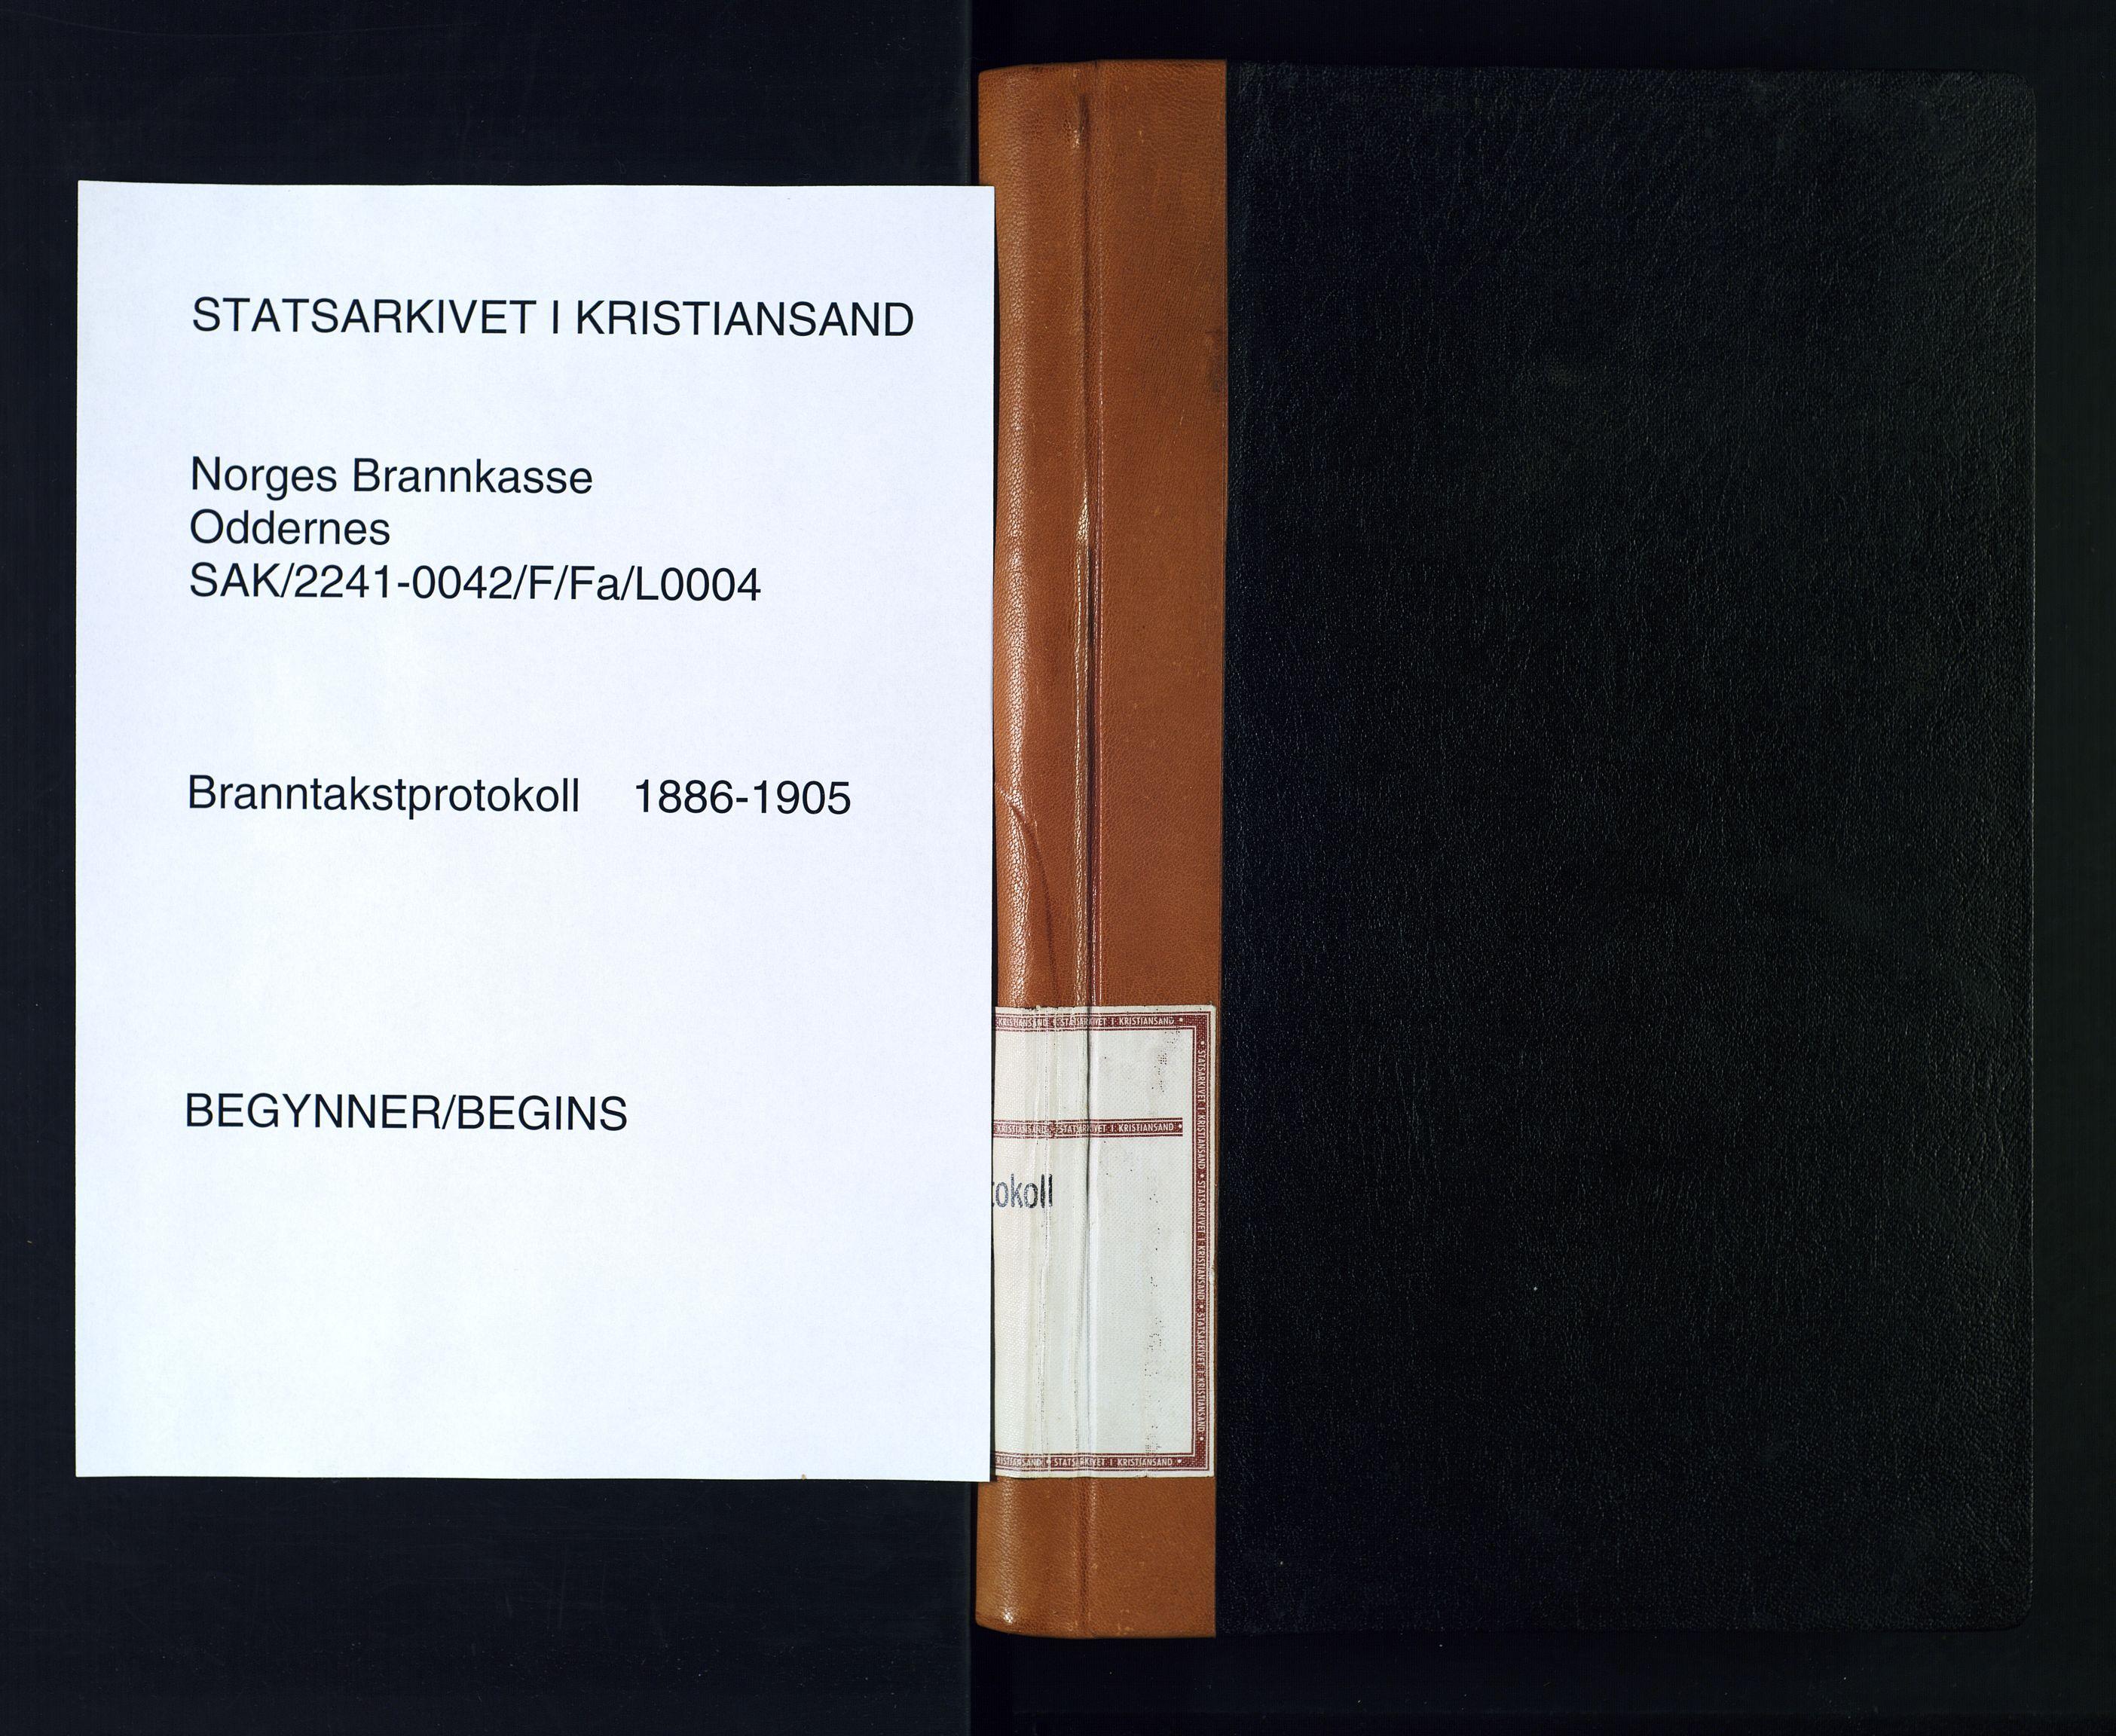 SAK, Norges Brannkasse Oddernes, F/Fa/L0004: Branntakstprotokoll nr. 4 med gårdsnavnregister, 1886-1905